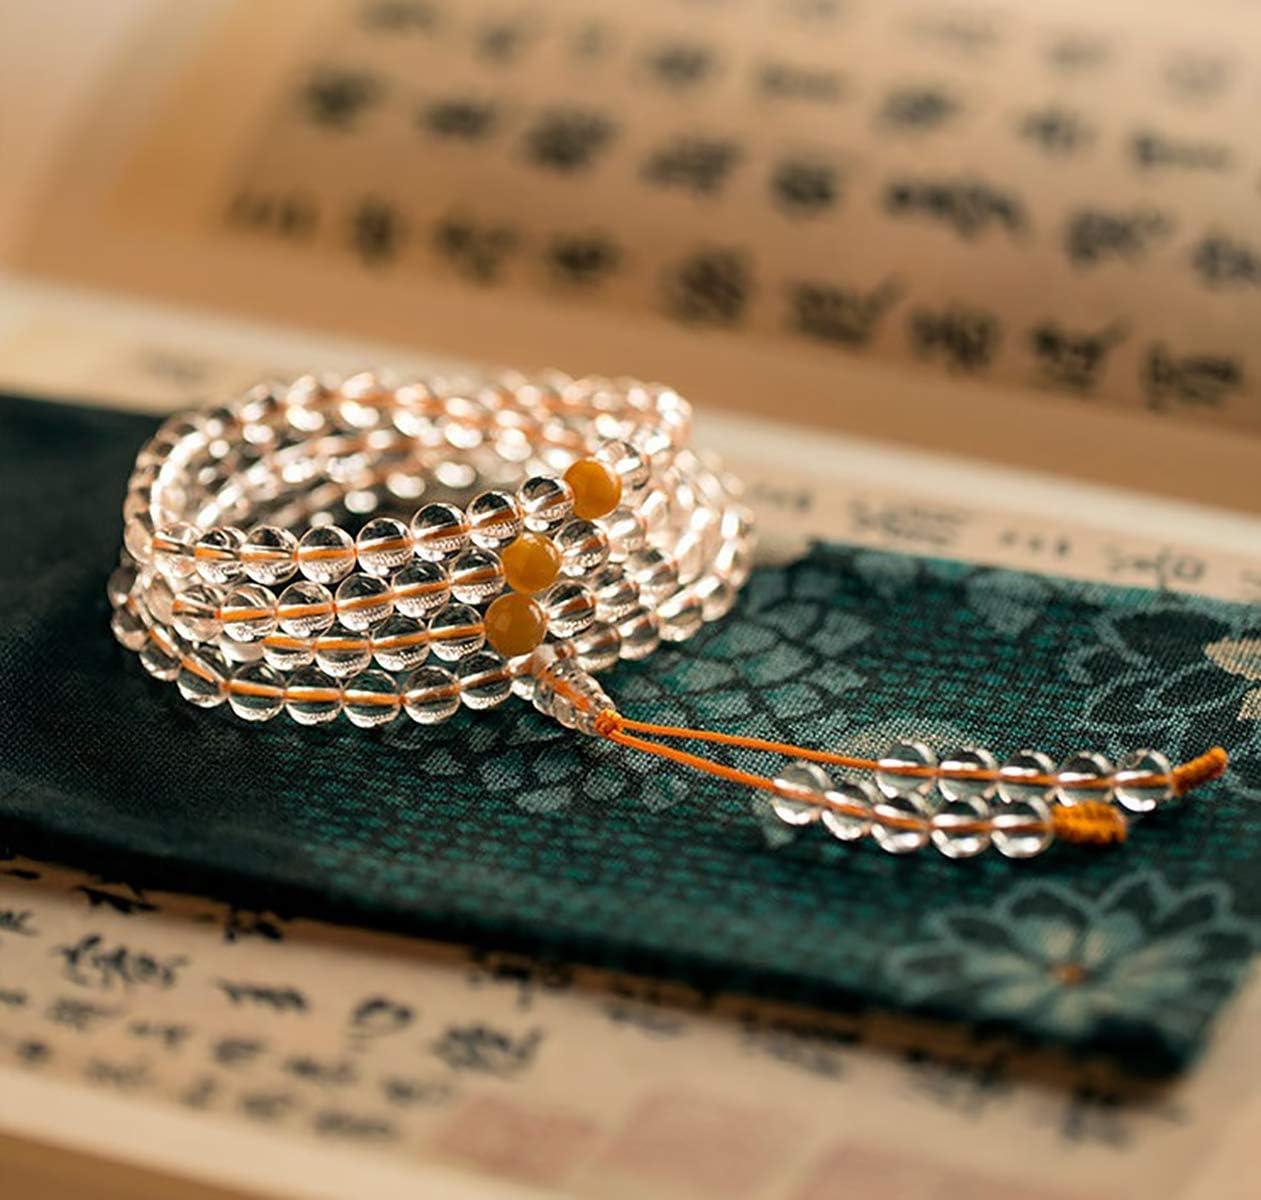 La oración de Buda Mala de los Granos Pulsera 7A Cristal Blanco 108 Cuentas de Jade Imperial del Ornamento del Grano de la Piedra Preciosa de curación Estiramiento del Brazalete,8mm